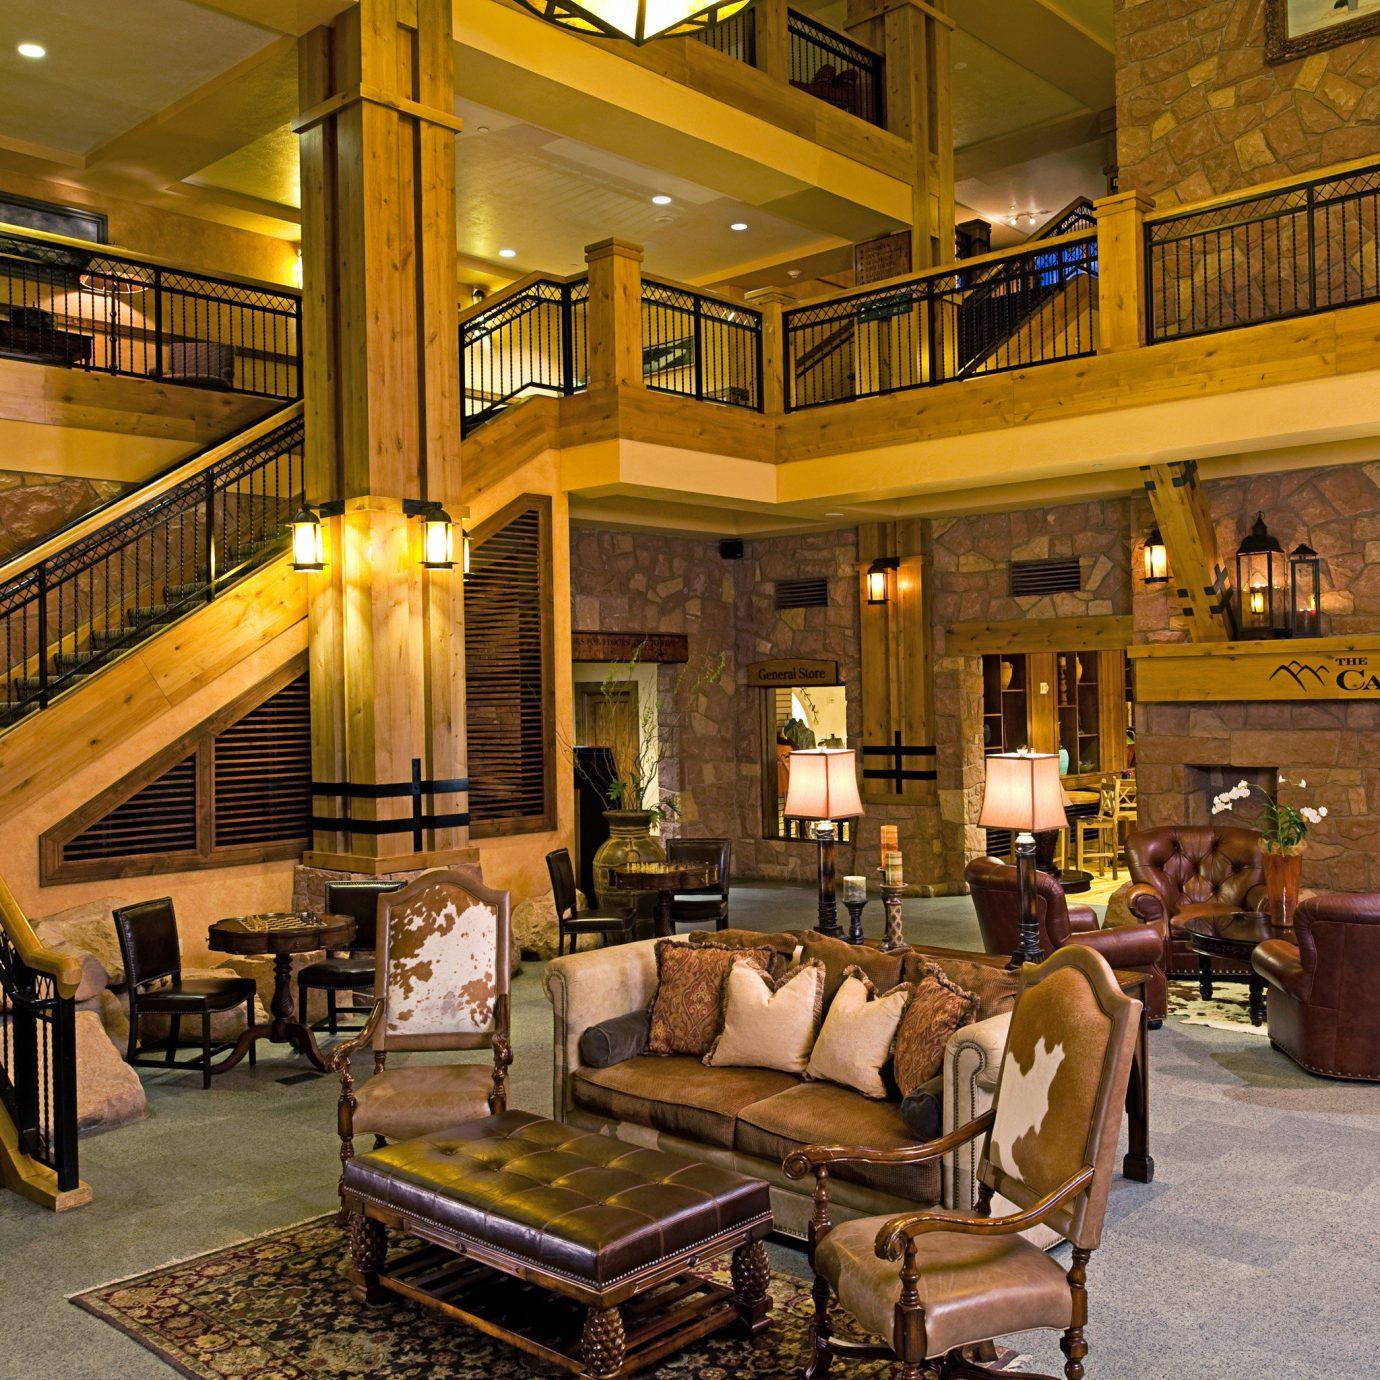 Resort Rustic Lobby building restaurant Bar